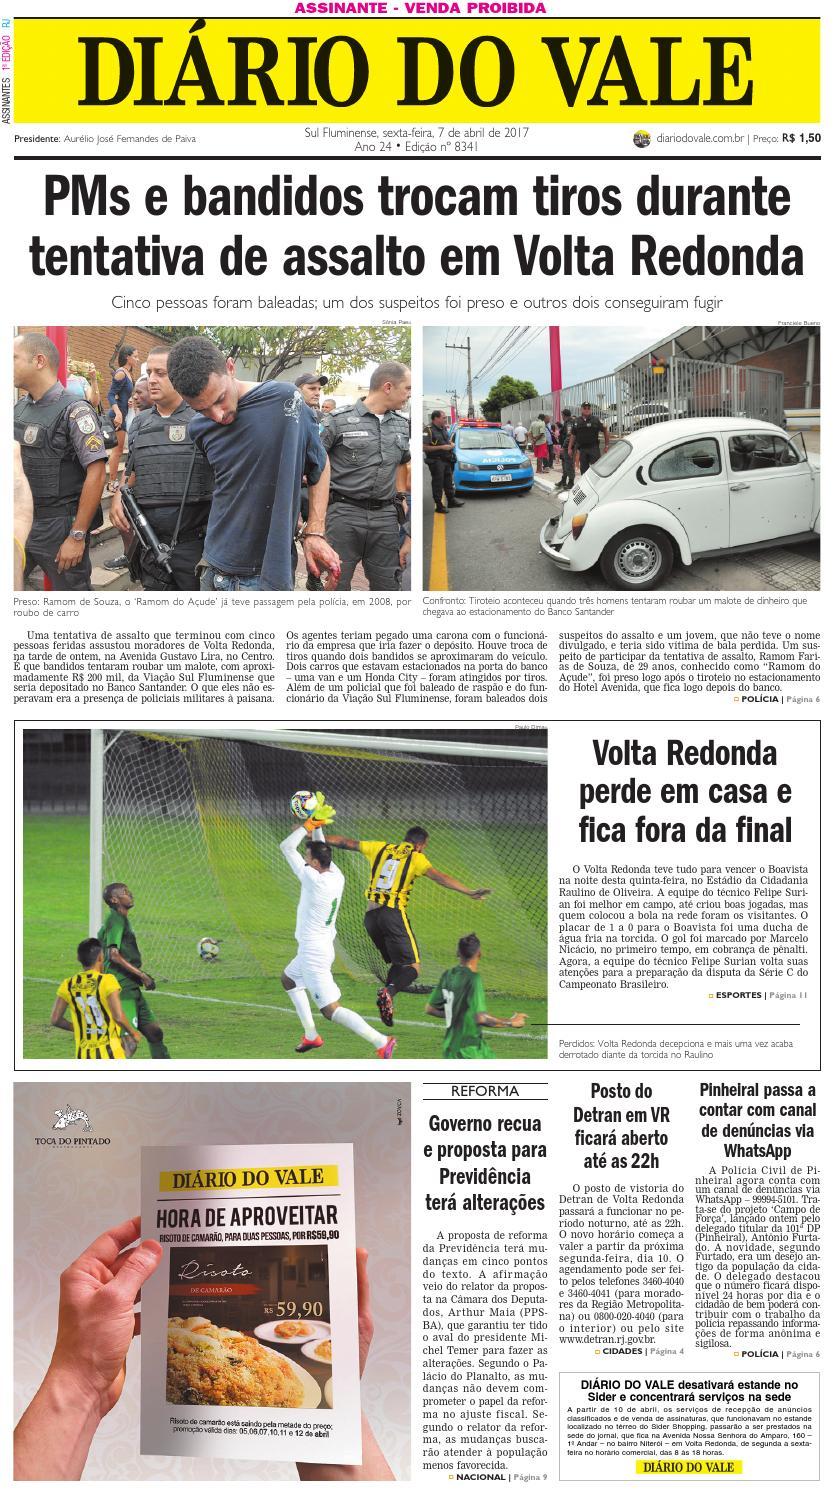 b0547b5ef484c 8341 Diario do Vale sexta feira 07 04 2017 by Diário do Vale - issuu